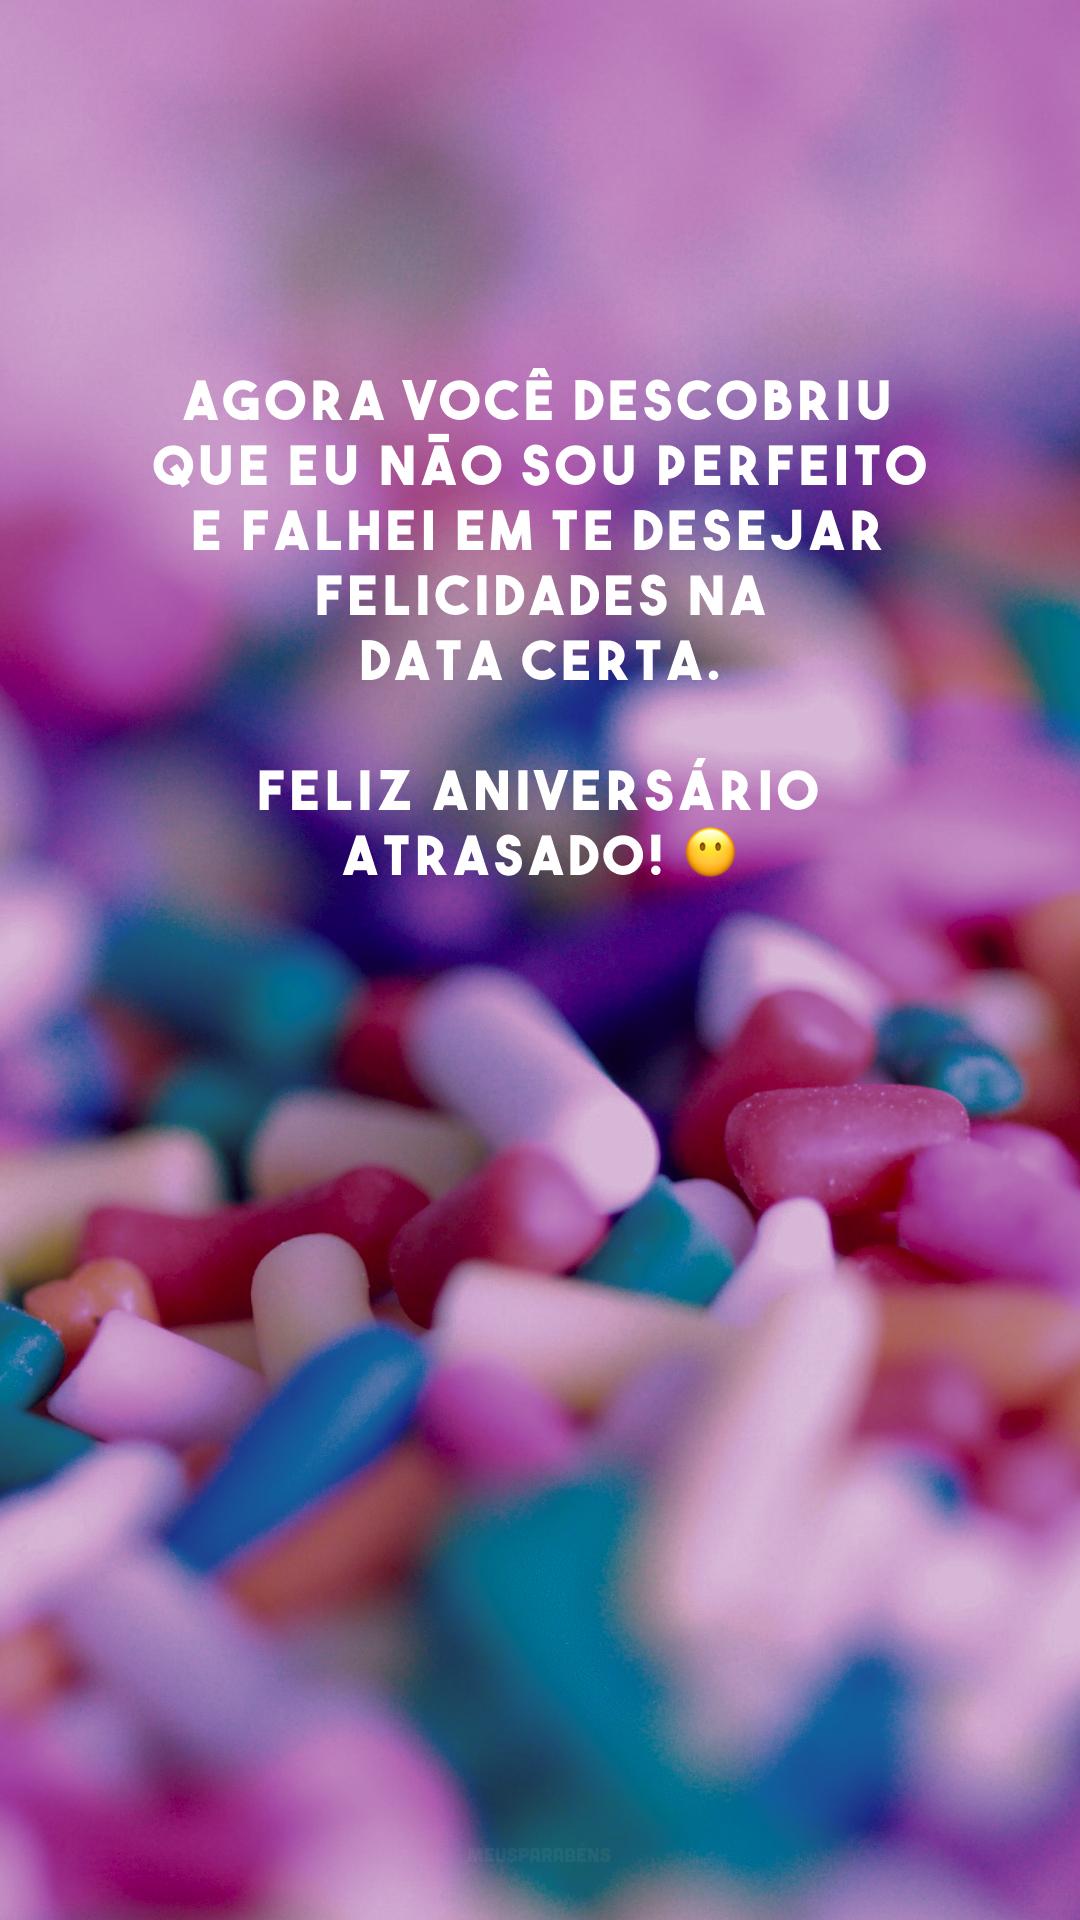 Agora você descobriu que eu não sou perfeito e falhei em te desejar felicidades na data certa. Feliz aniversário atrasado! 😶